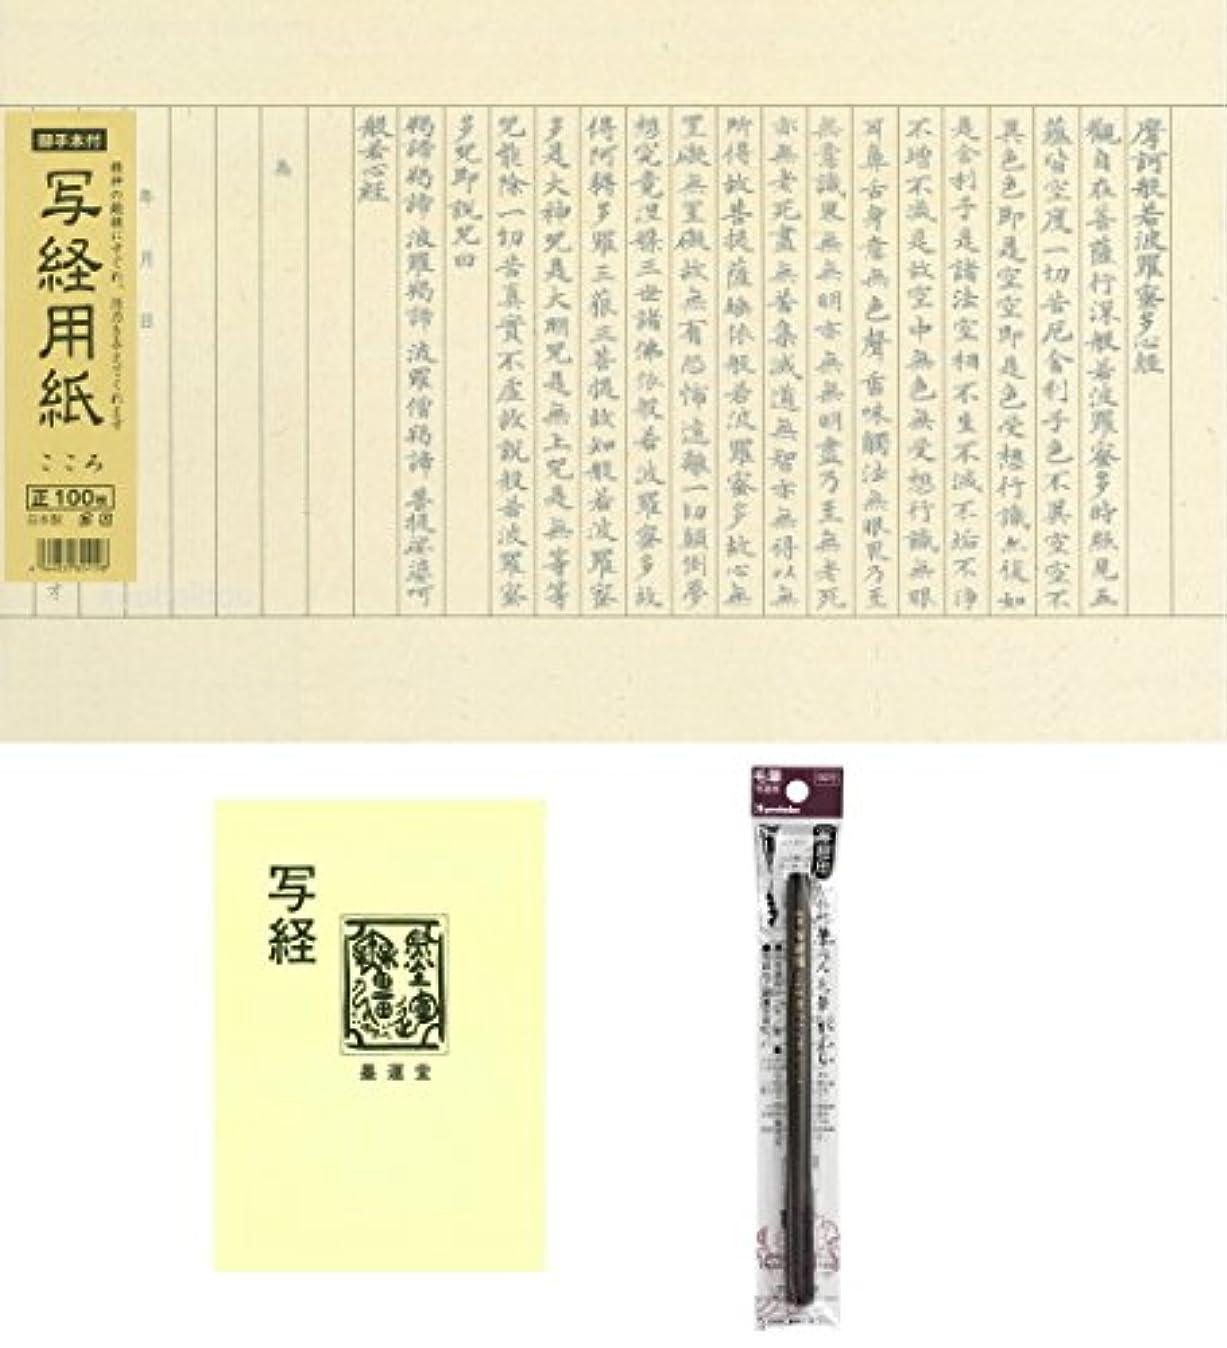 ブース物理的にポインタ弘梅堂 写経セット(写経用紙100枚 筆ペン 写経テキスト)